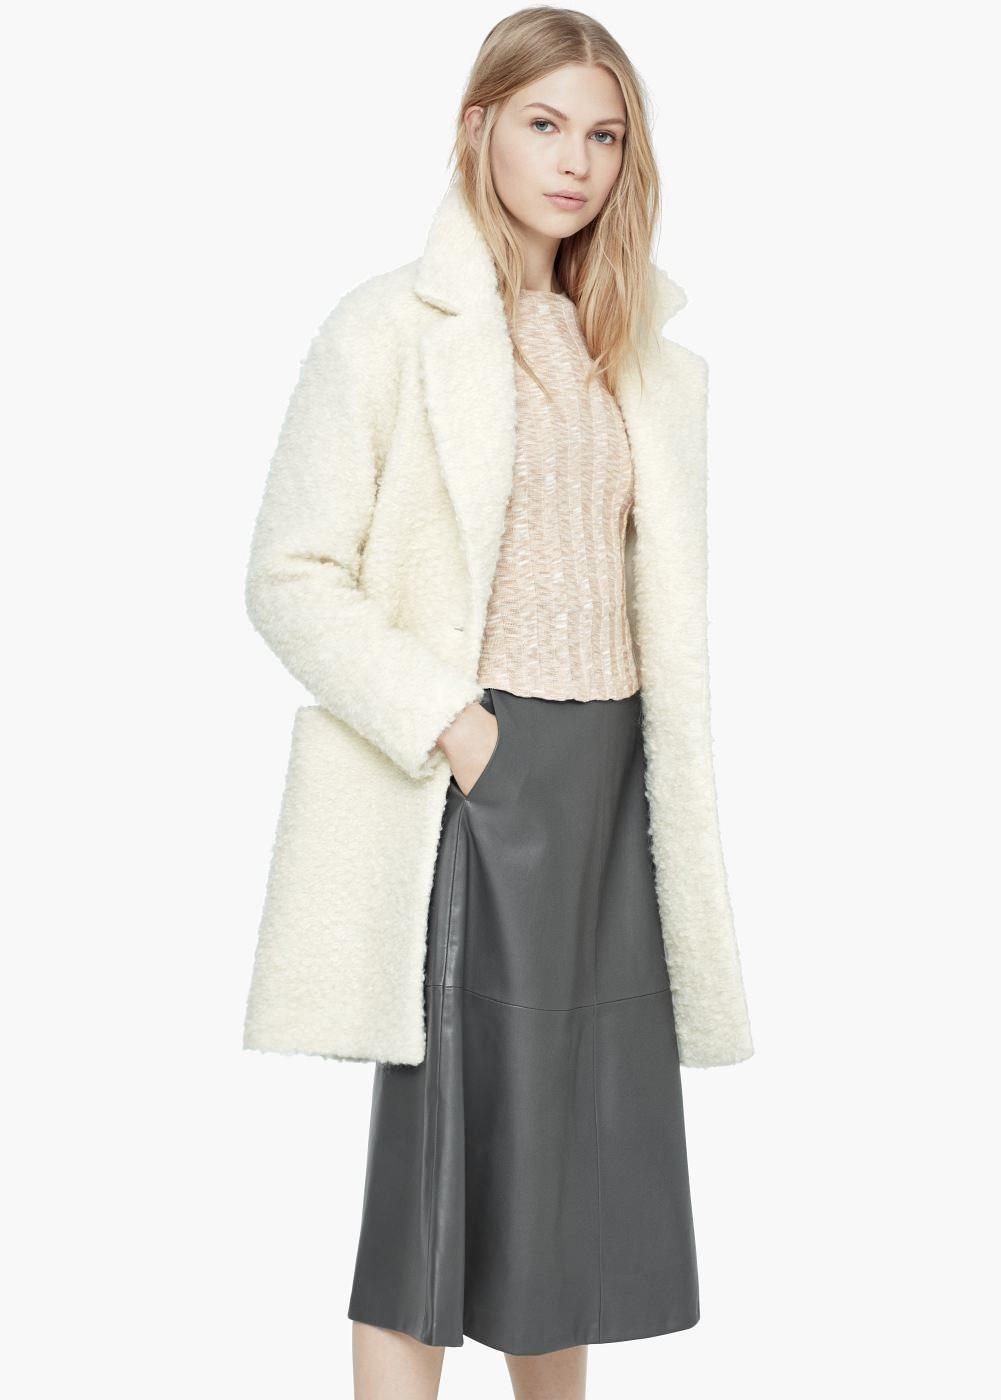 Abrigo bouclé lana - Abrigos de Mujer  2d68ade14e9b